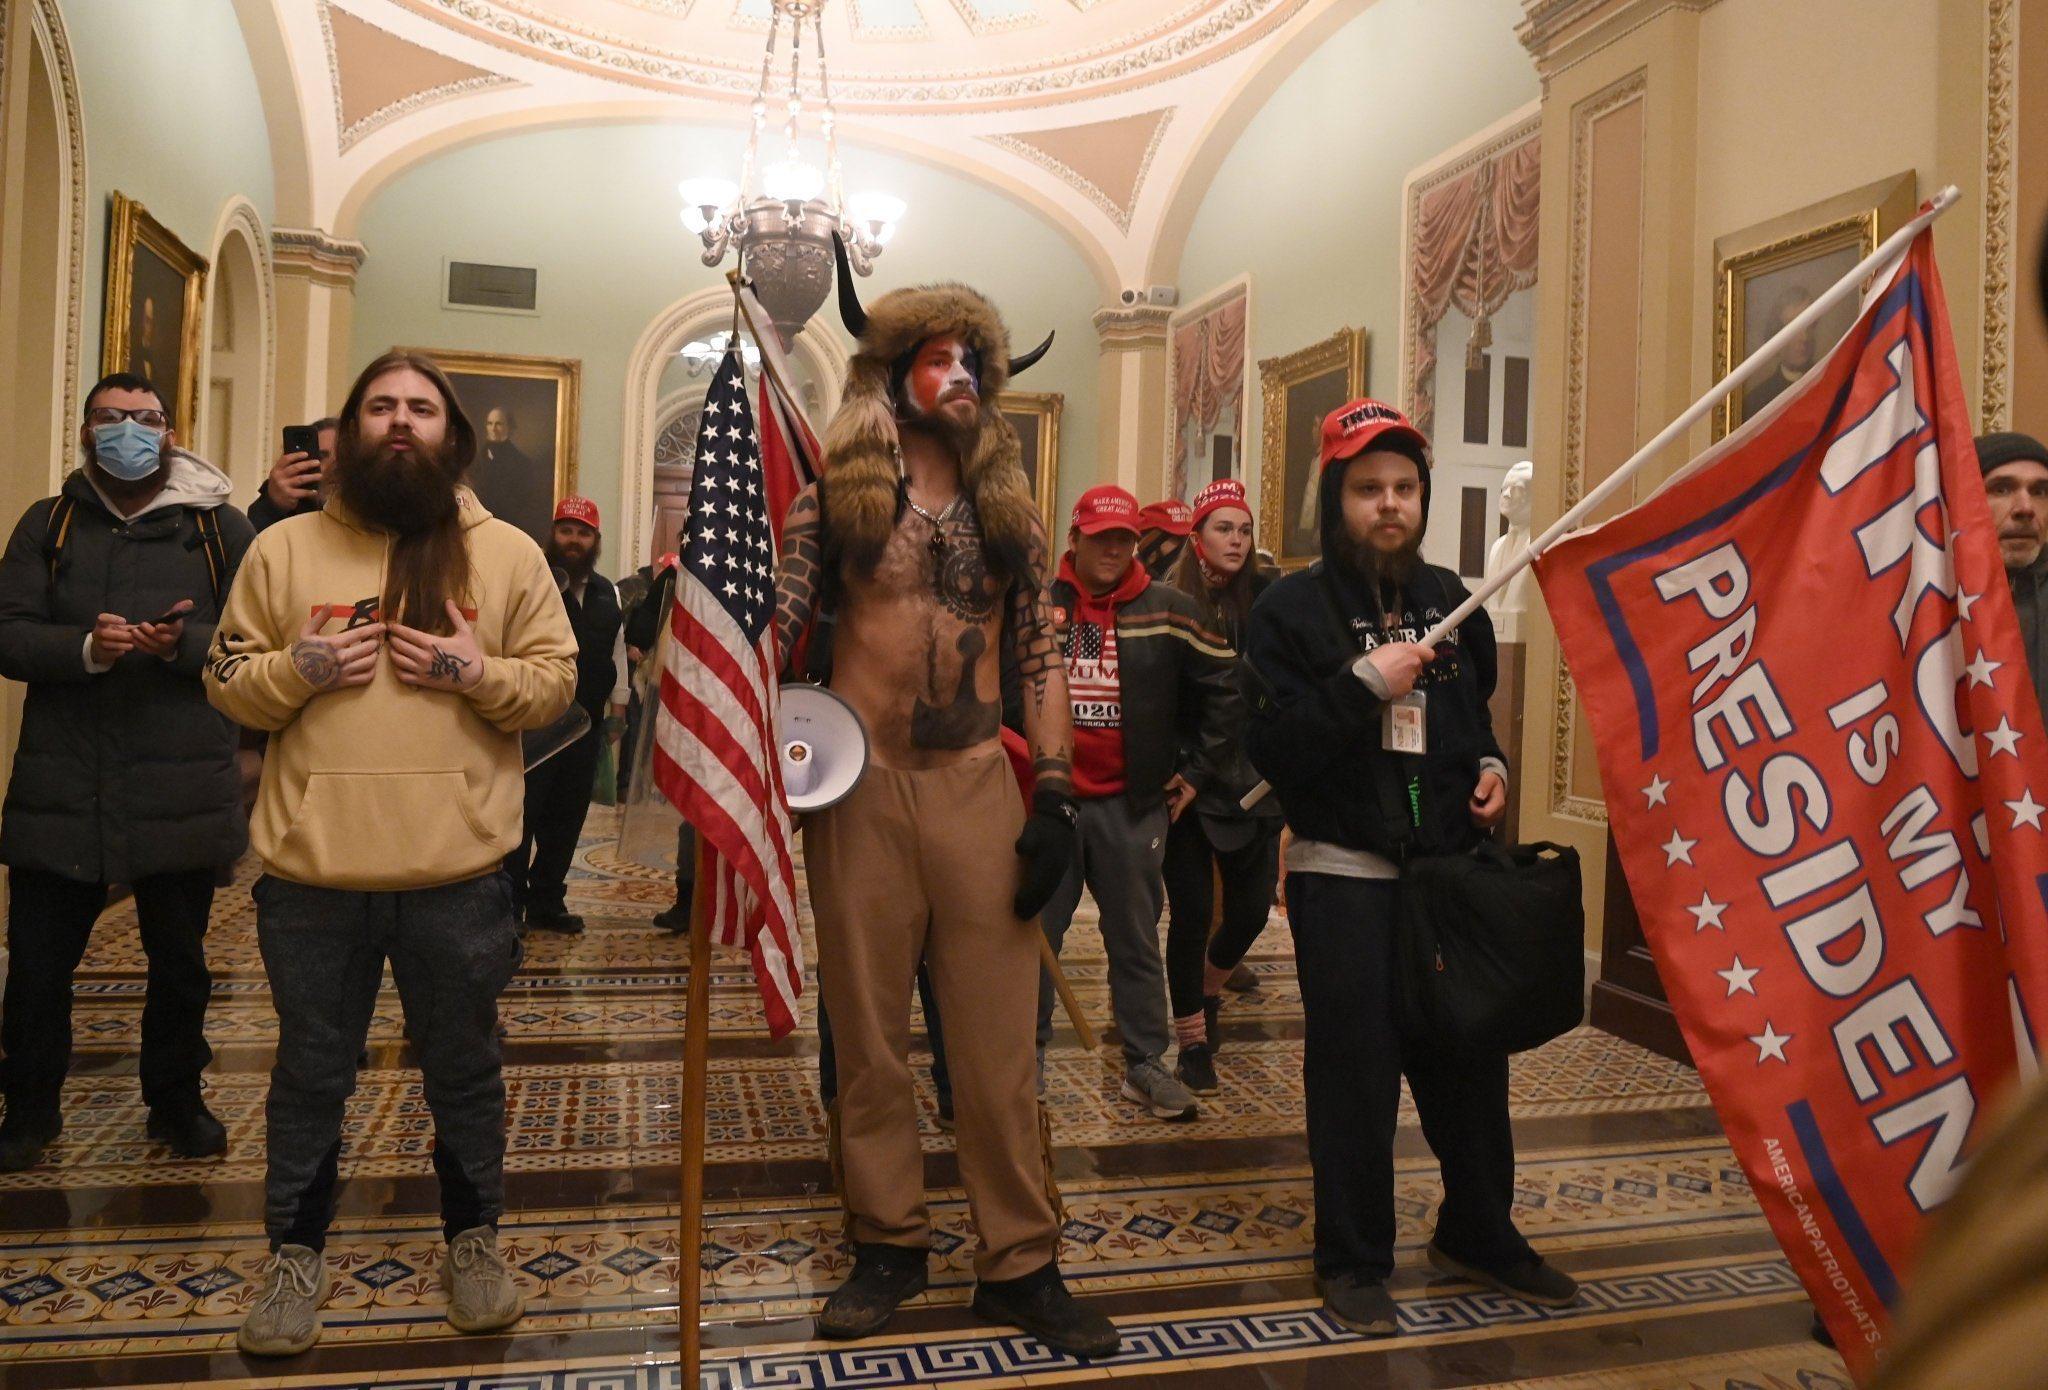 Šokantne fotografije iz srca američke demokratije: Neviđeni prizori nereda u Kongresu